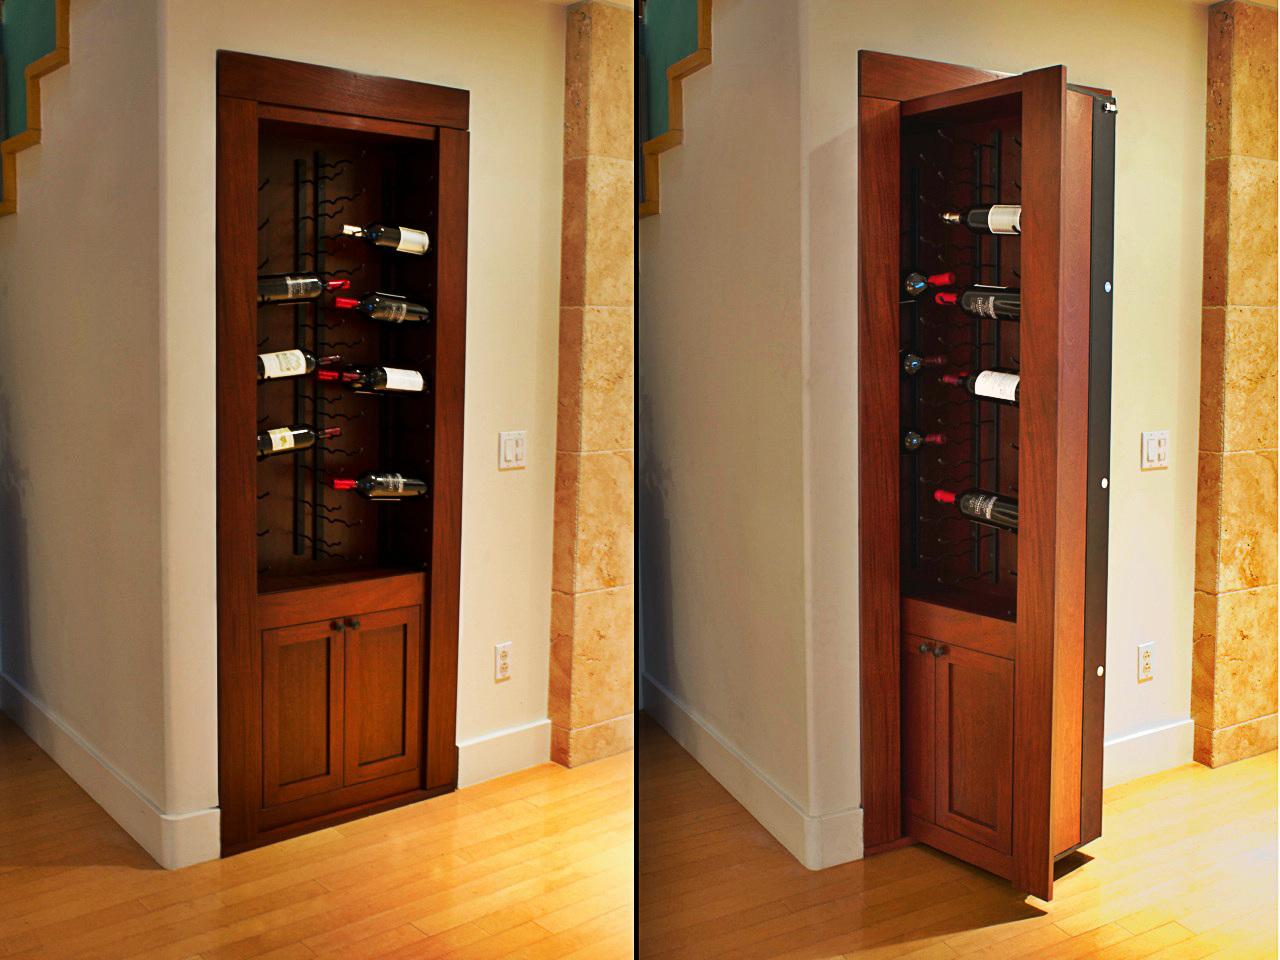 Wine Rack Door & Hidden Passageway | Billiard Cue Rack | Creative Home Engineering pezcame.com